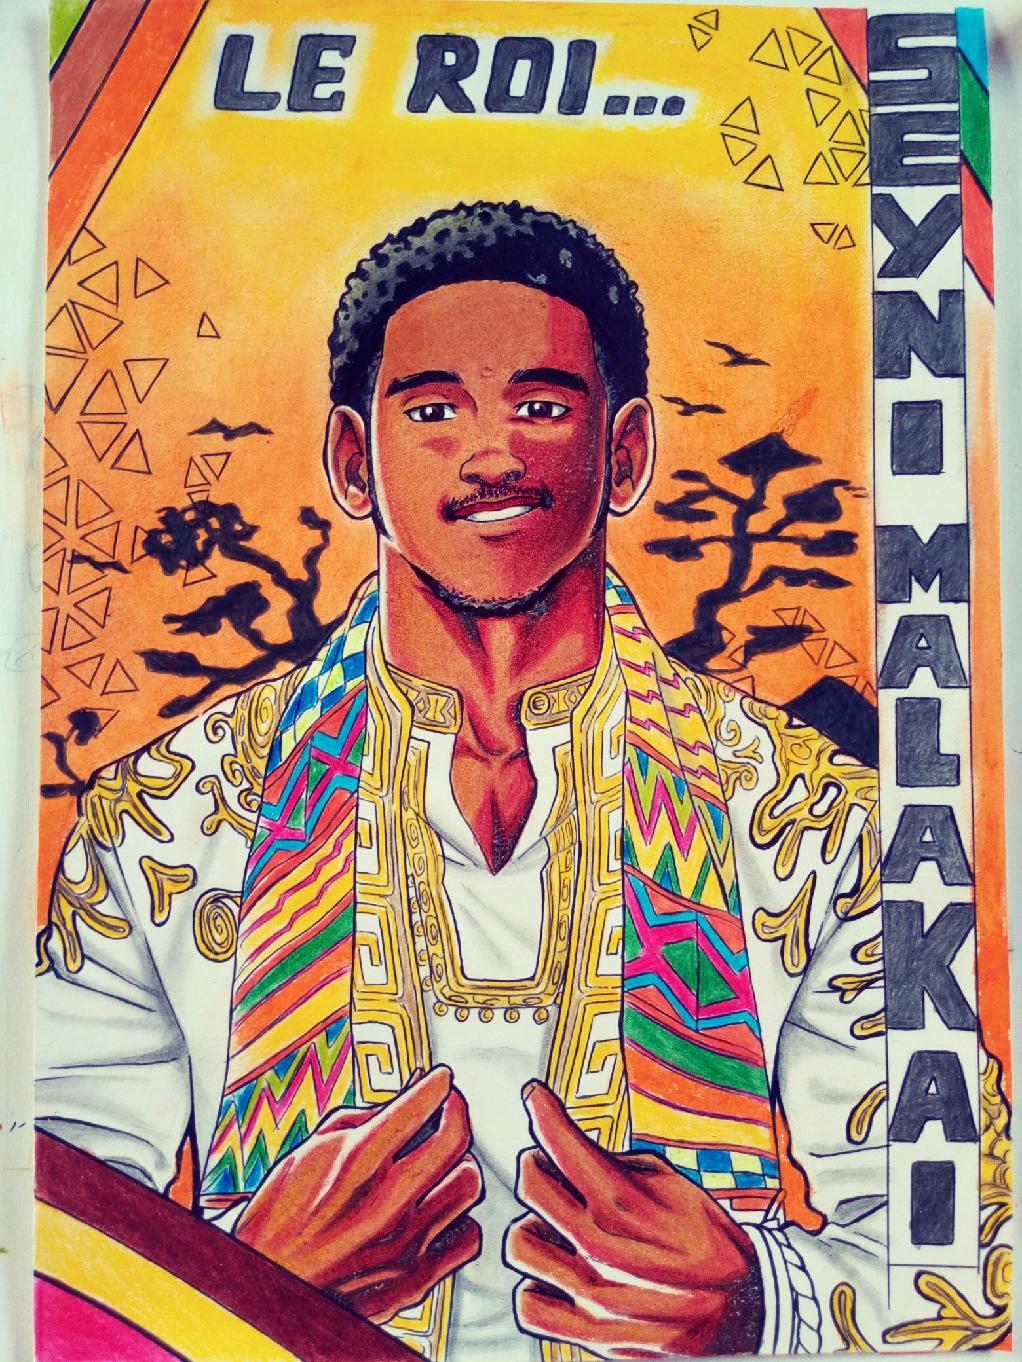 Dessin The King Seyni Malakai de Authorzero